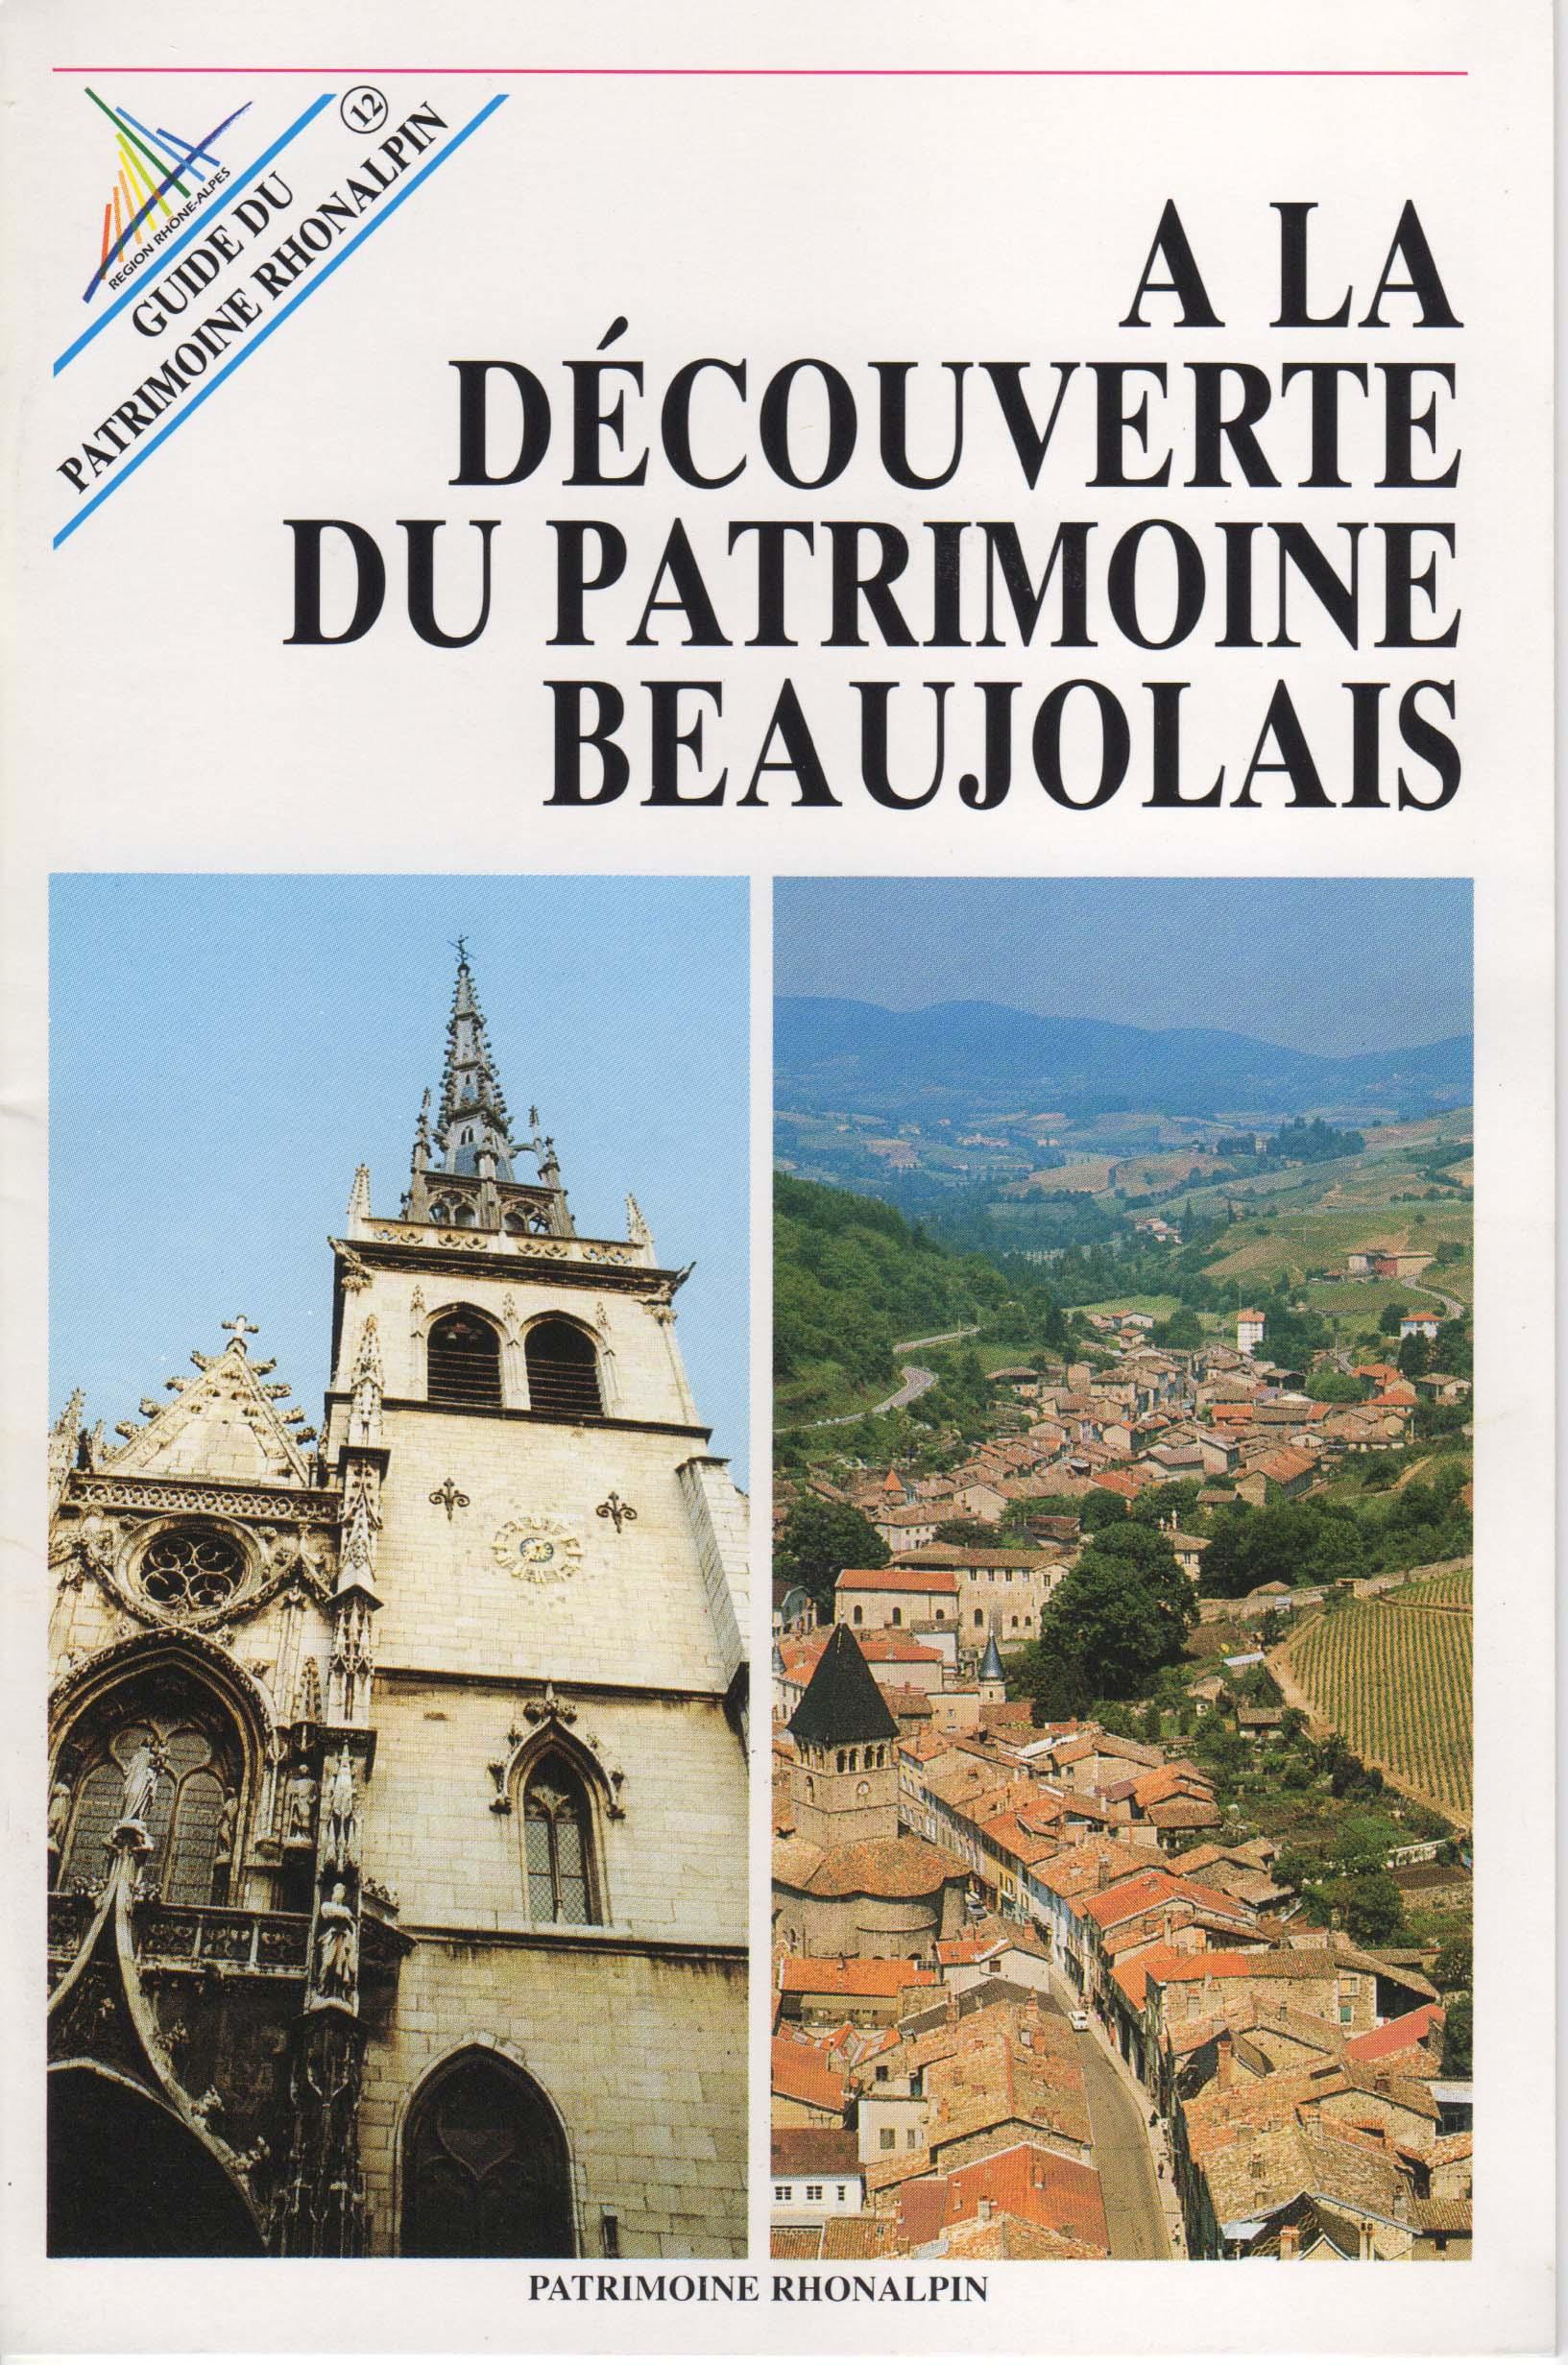 Guide n°12 – A la découverte du patrimoine beaujolais